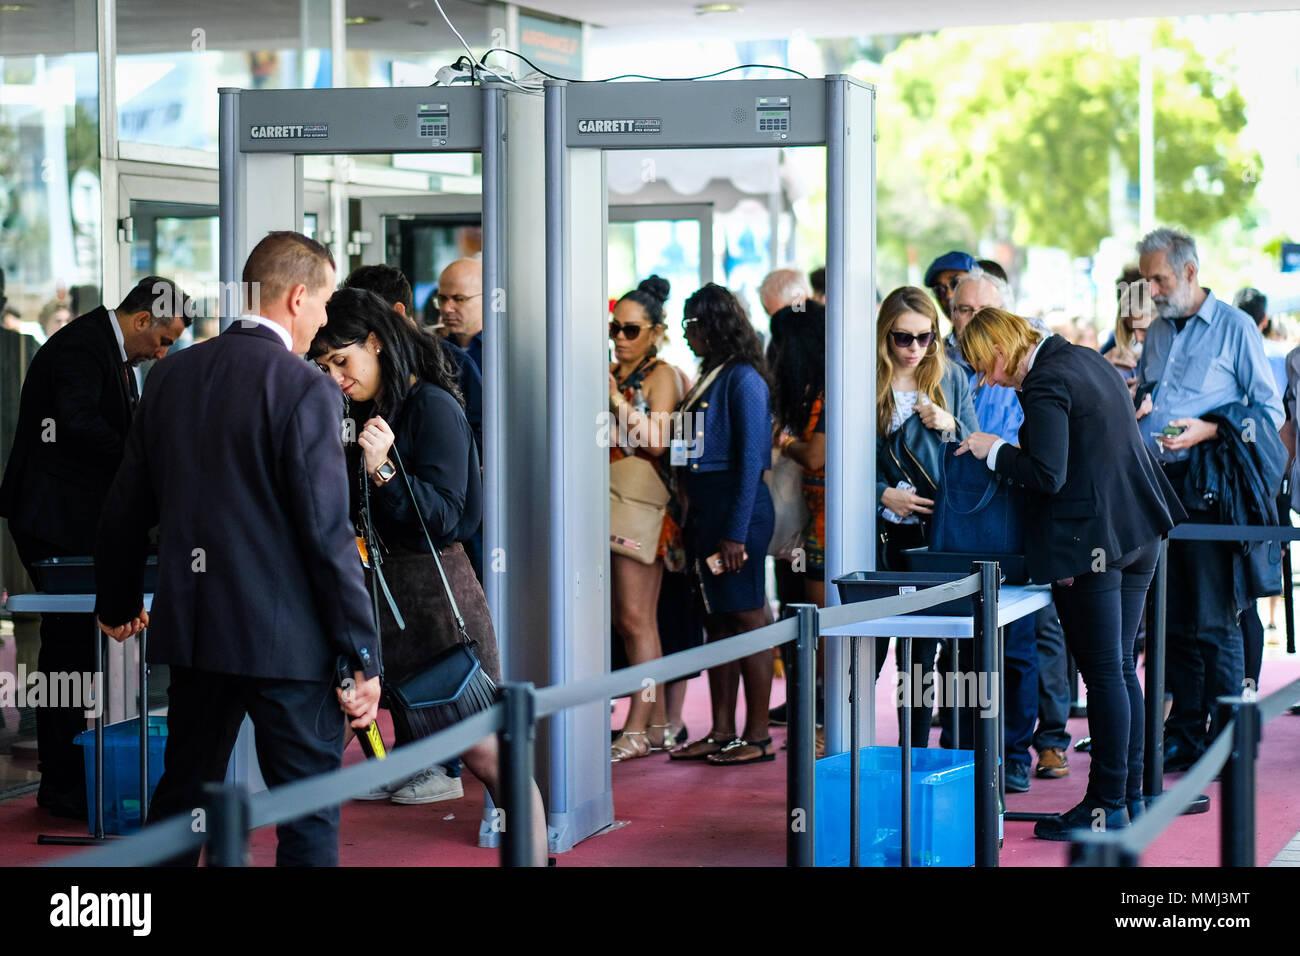 Security Screening Stock Photos Amp Security Screening Stock